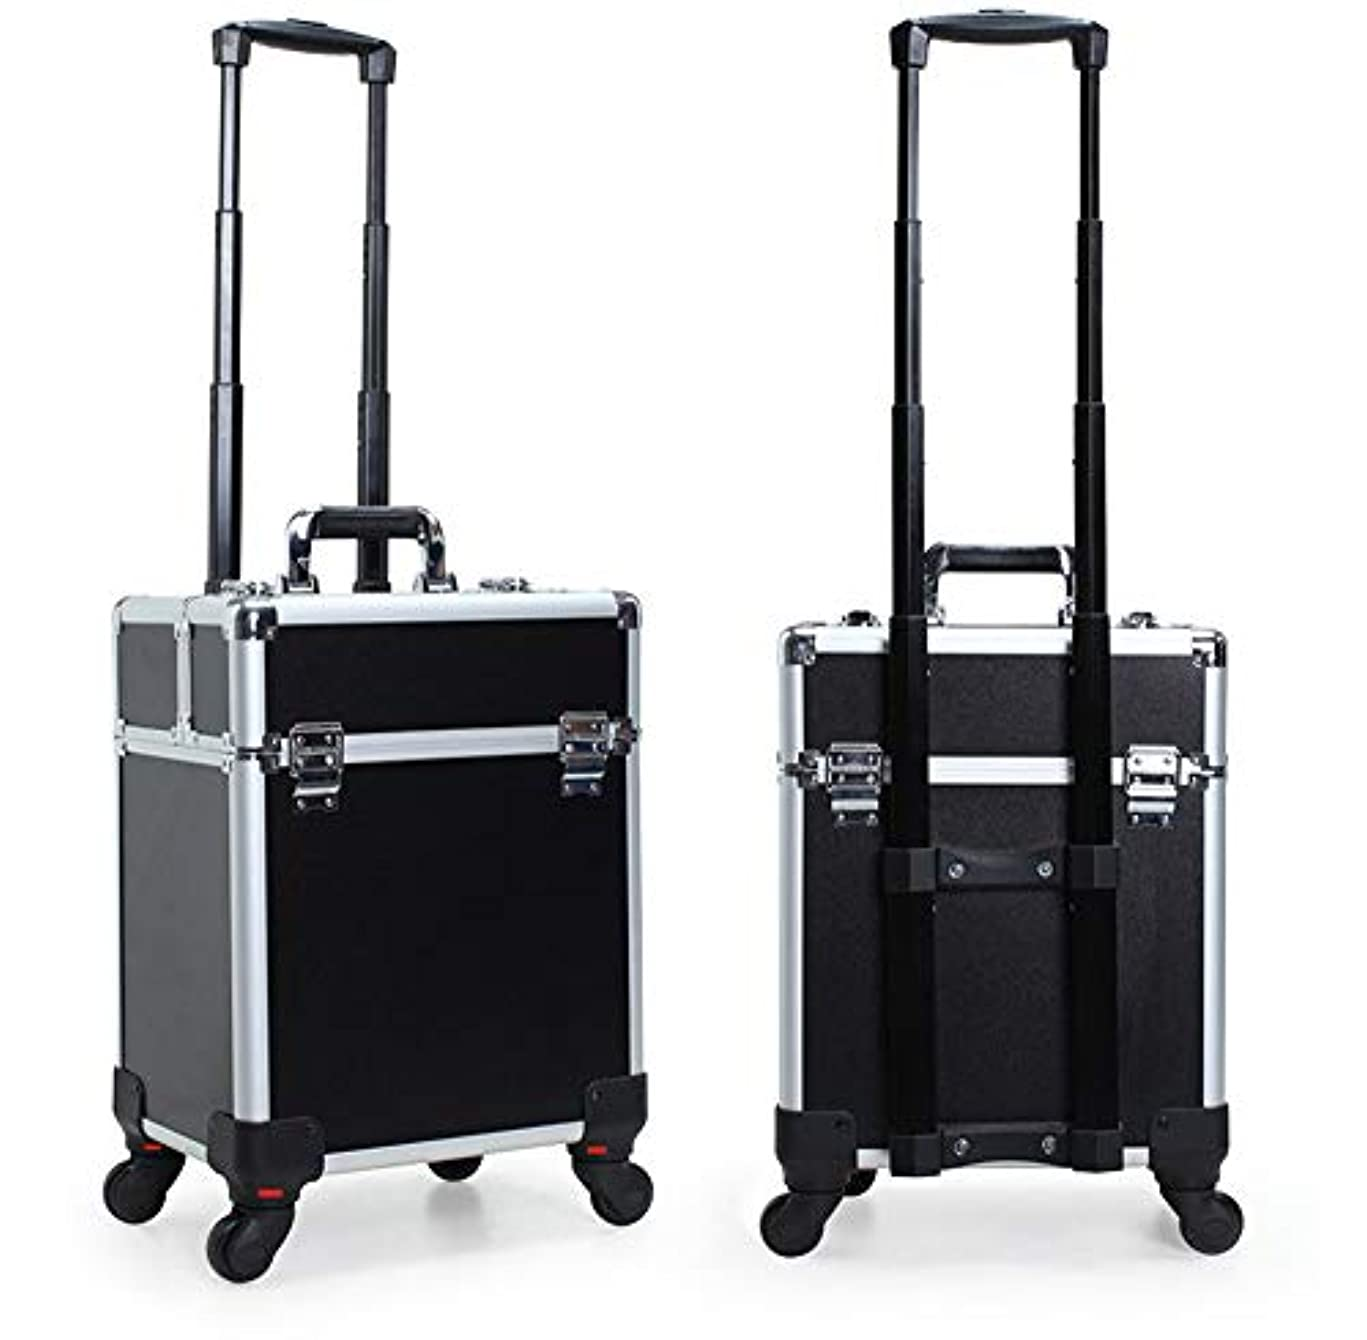 ジャベスウィルソン倉庫潤滑するGOGOS コスメボックス 大容量 プロ仕様 メイクボックス スーツケース型 化粧品収納ボックス 4輪 キャスター付き アルミ製 出張 携帯 便利